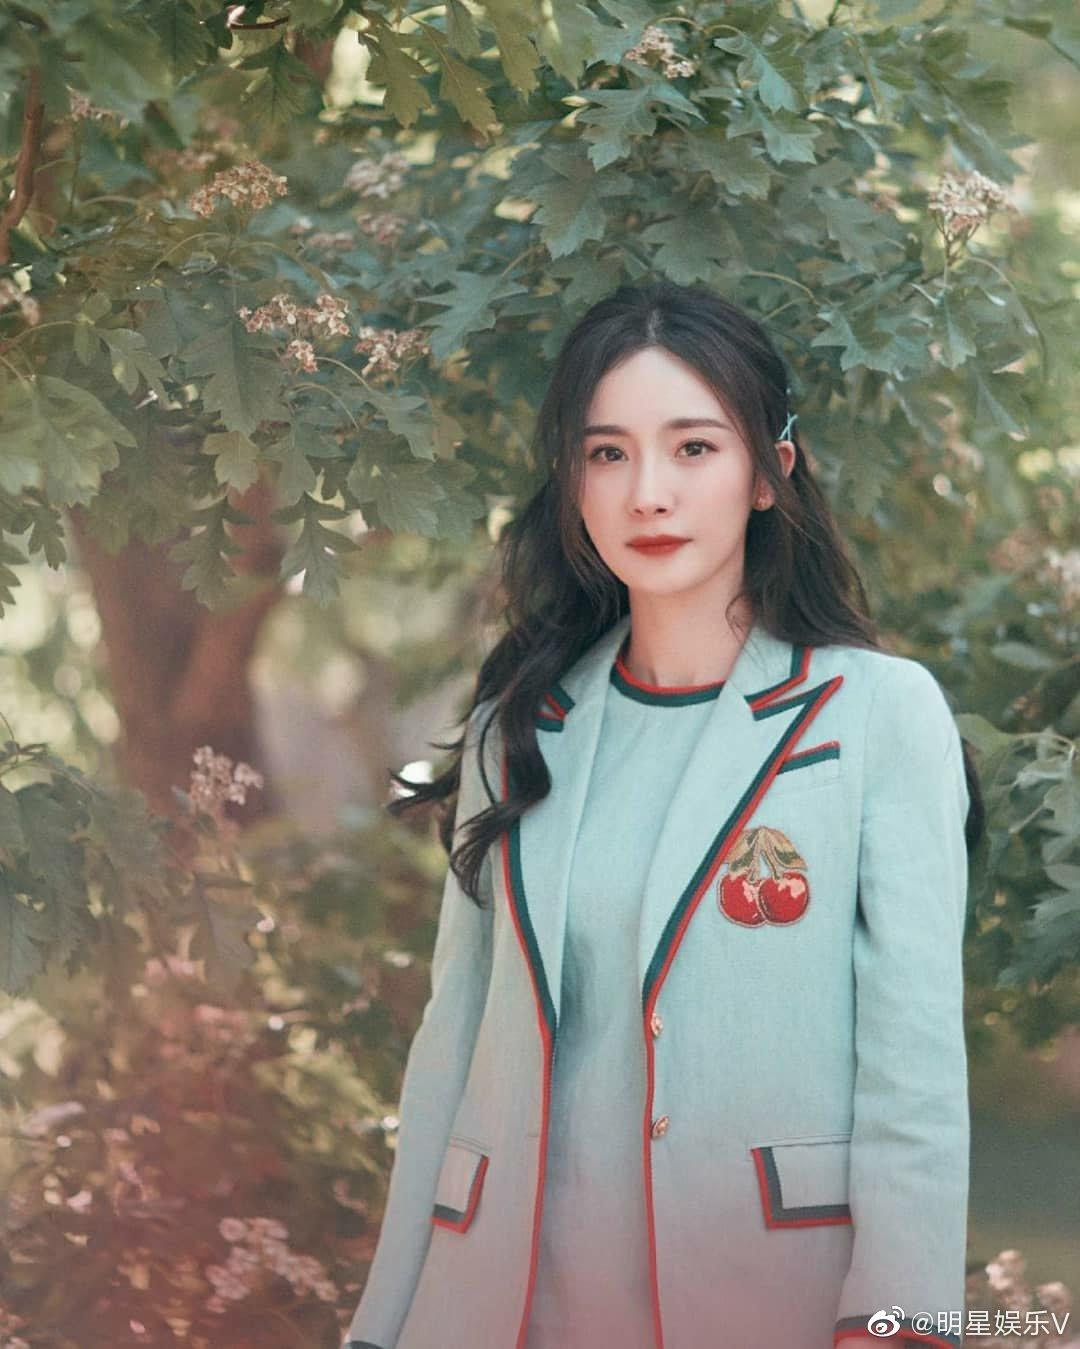 杨幂户外写真图片,青春气息实足,太太太甜美了!